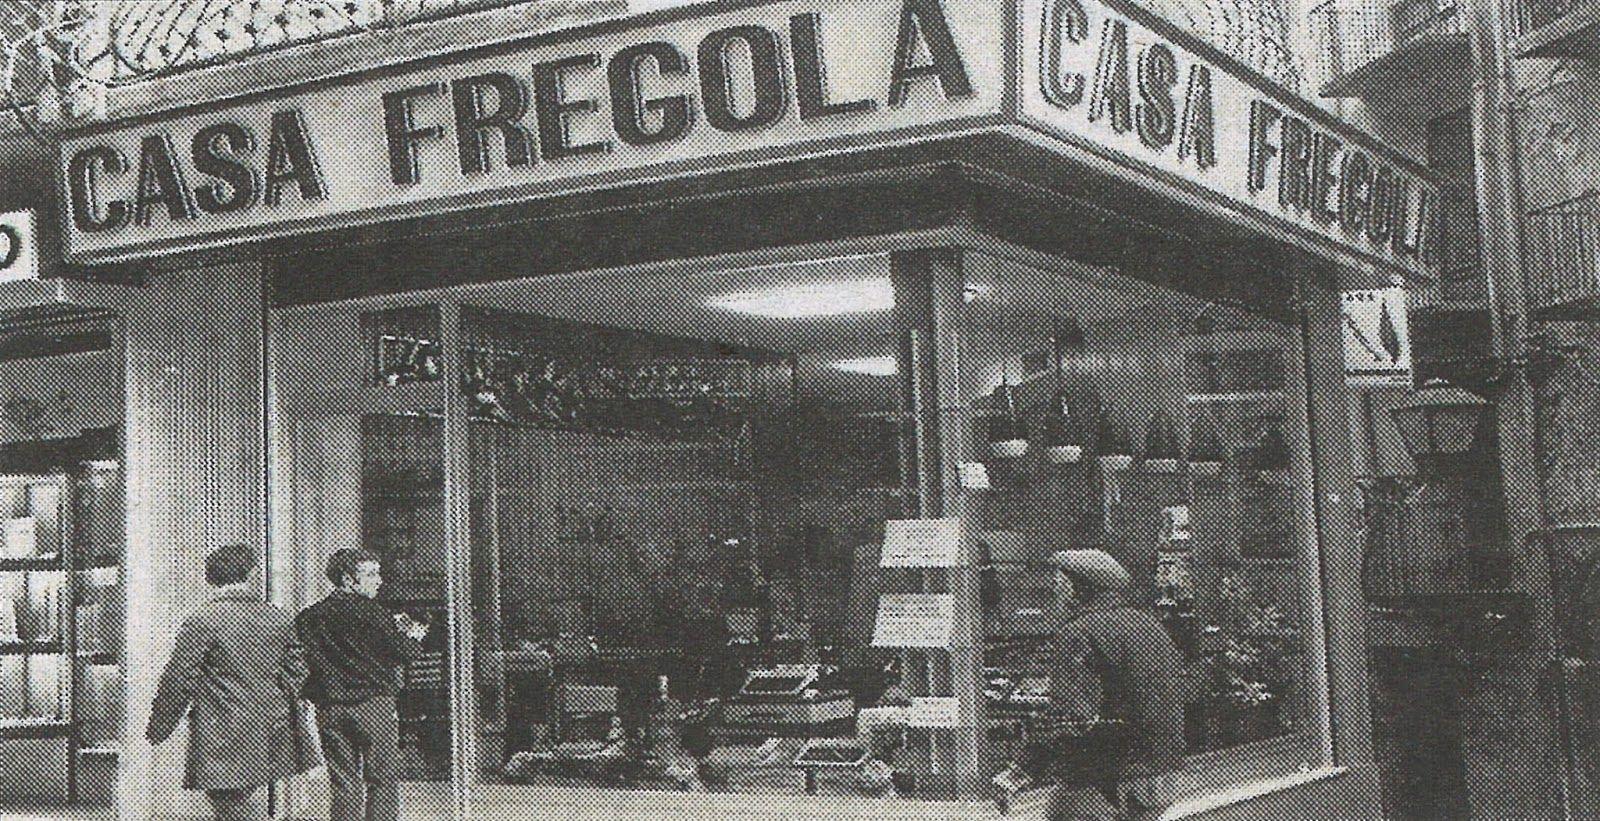 Lleida Casa Fregola la llibreria mes antiga de lleida  lleida fotos antigues  Pinterest